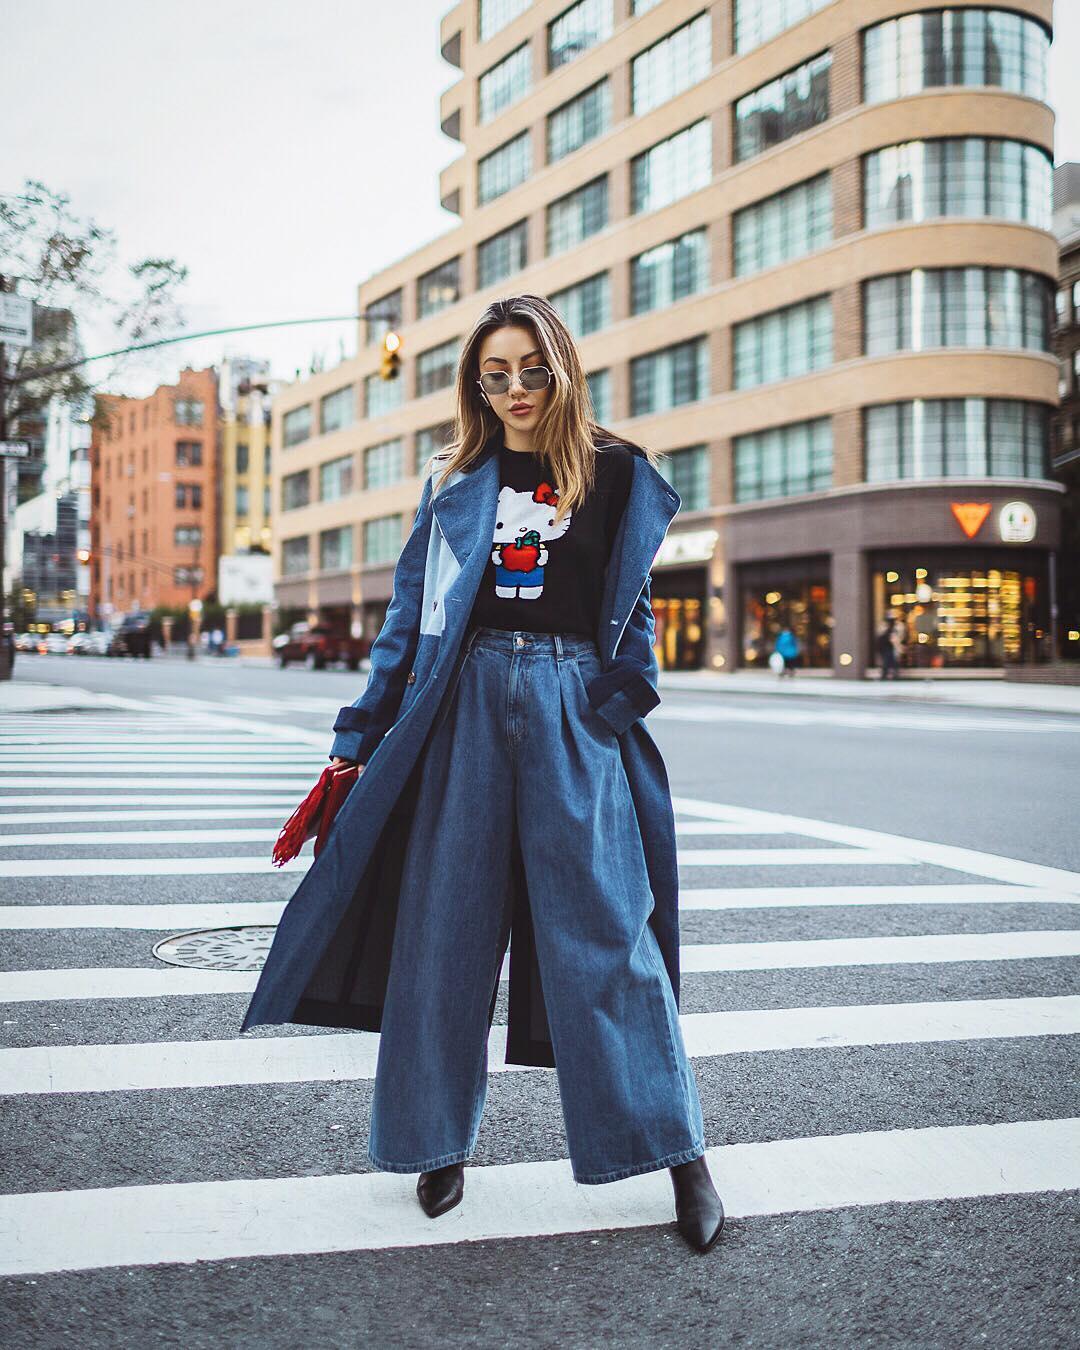 осенний уличный стиль 2019 фото 7